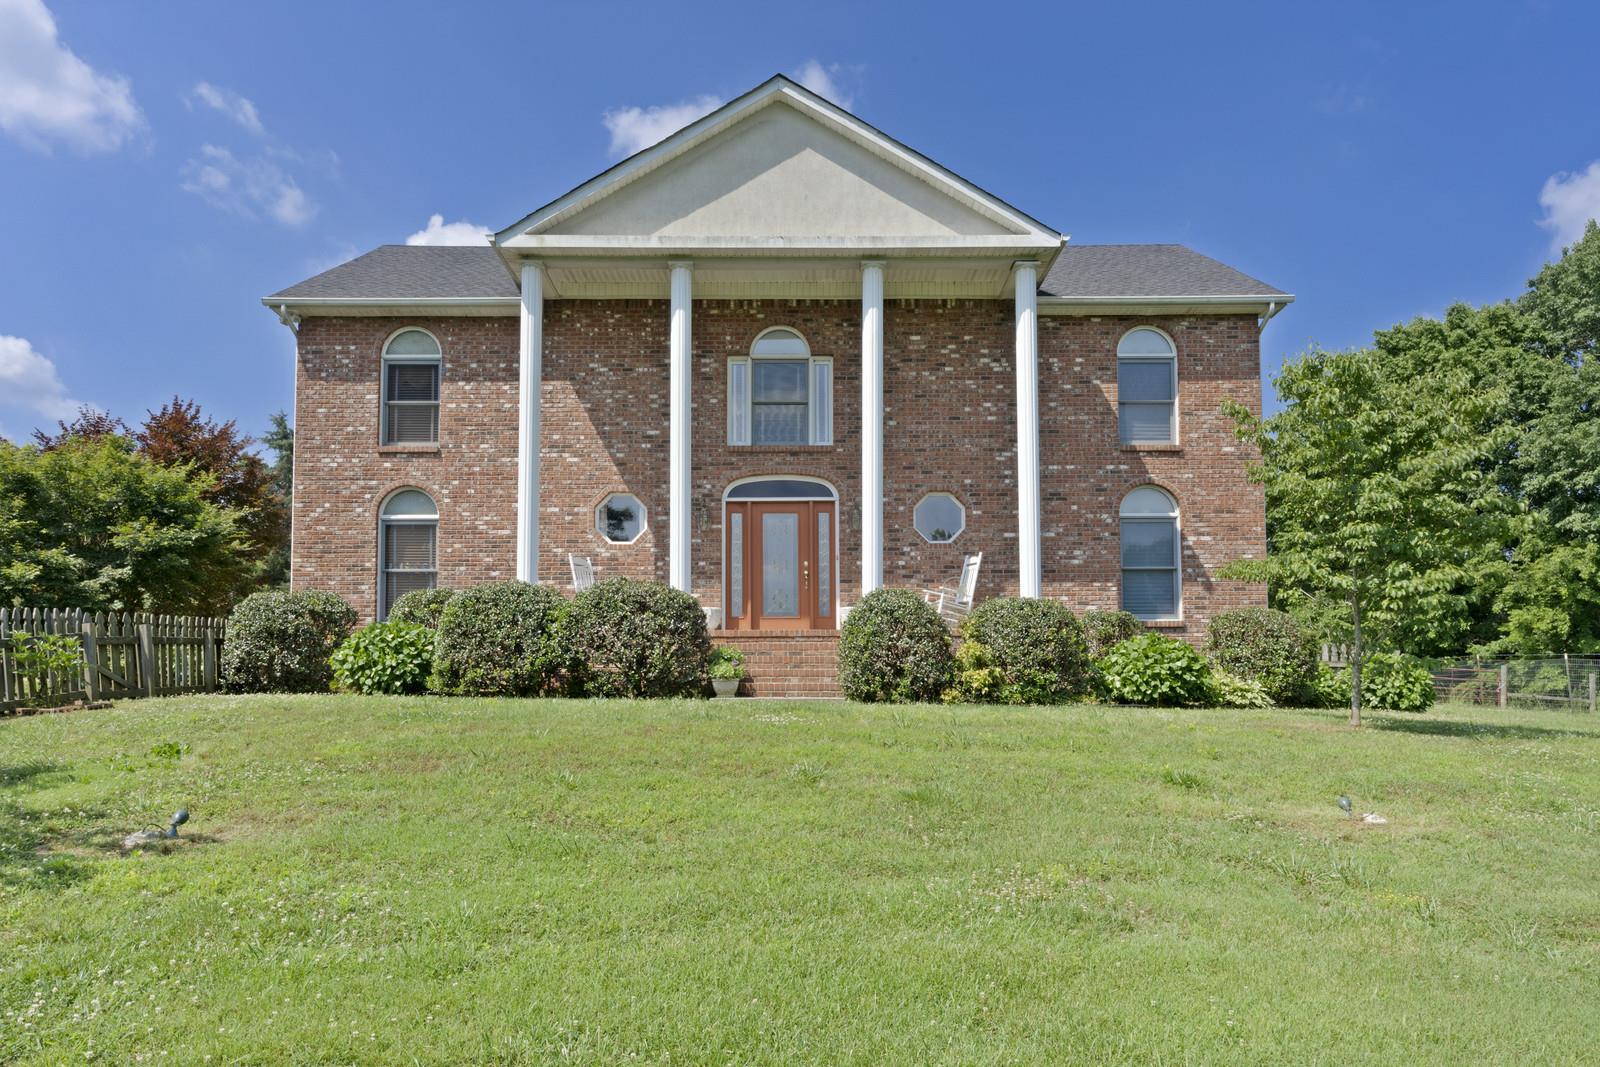 2156 Tom Austin Hwy, Greenbrier, TN 37073 - Greenbrier, TN real estate listing